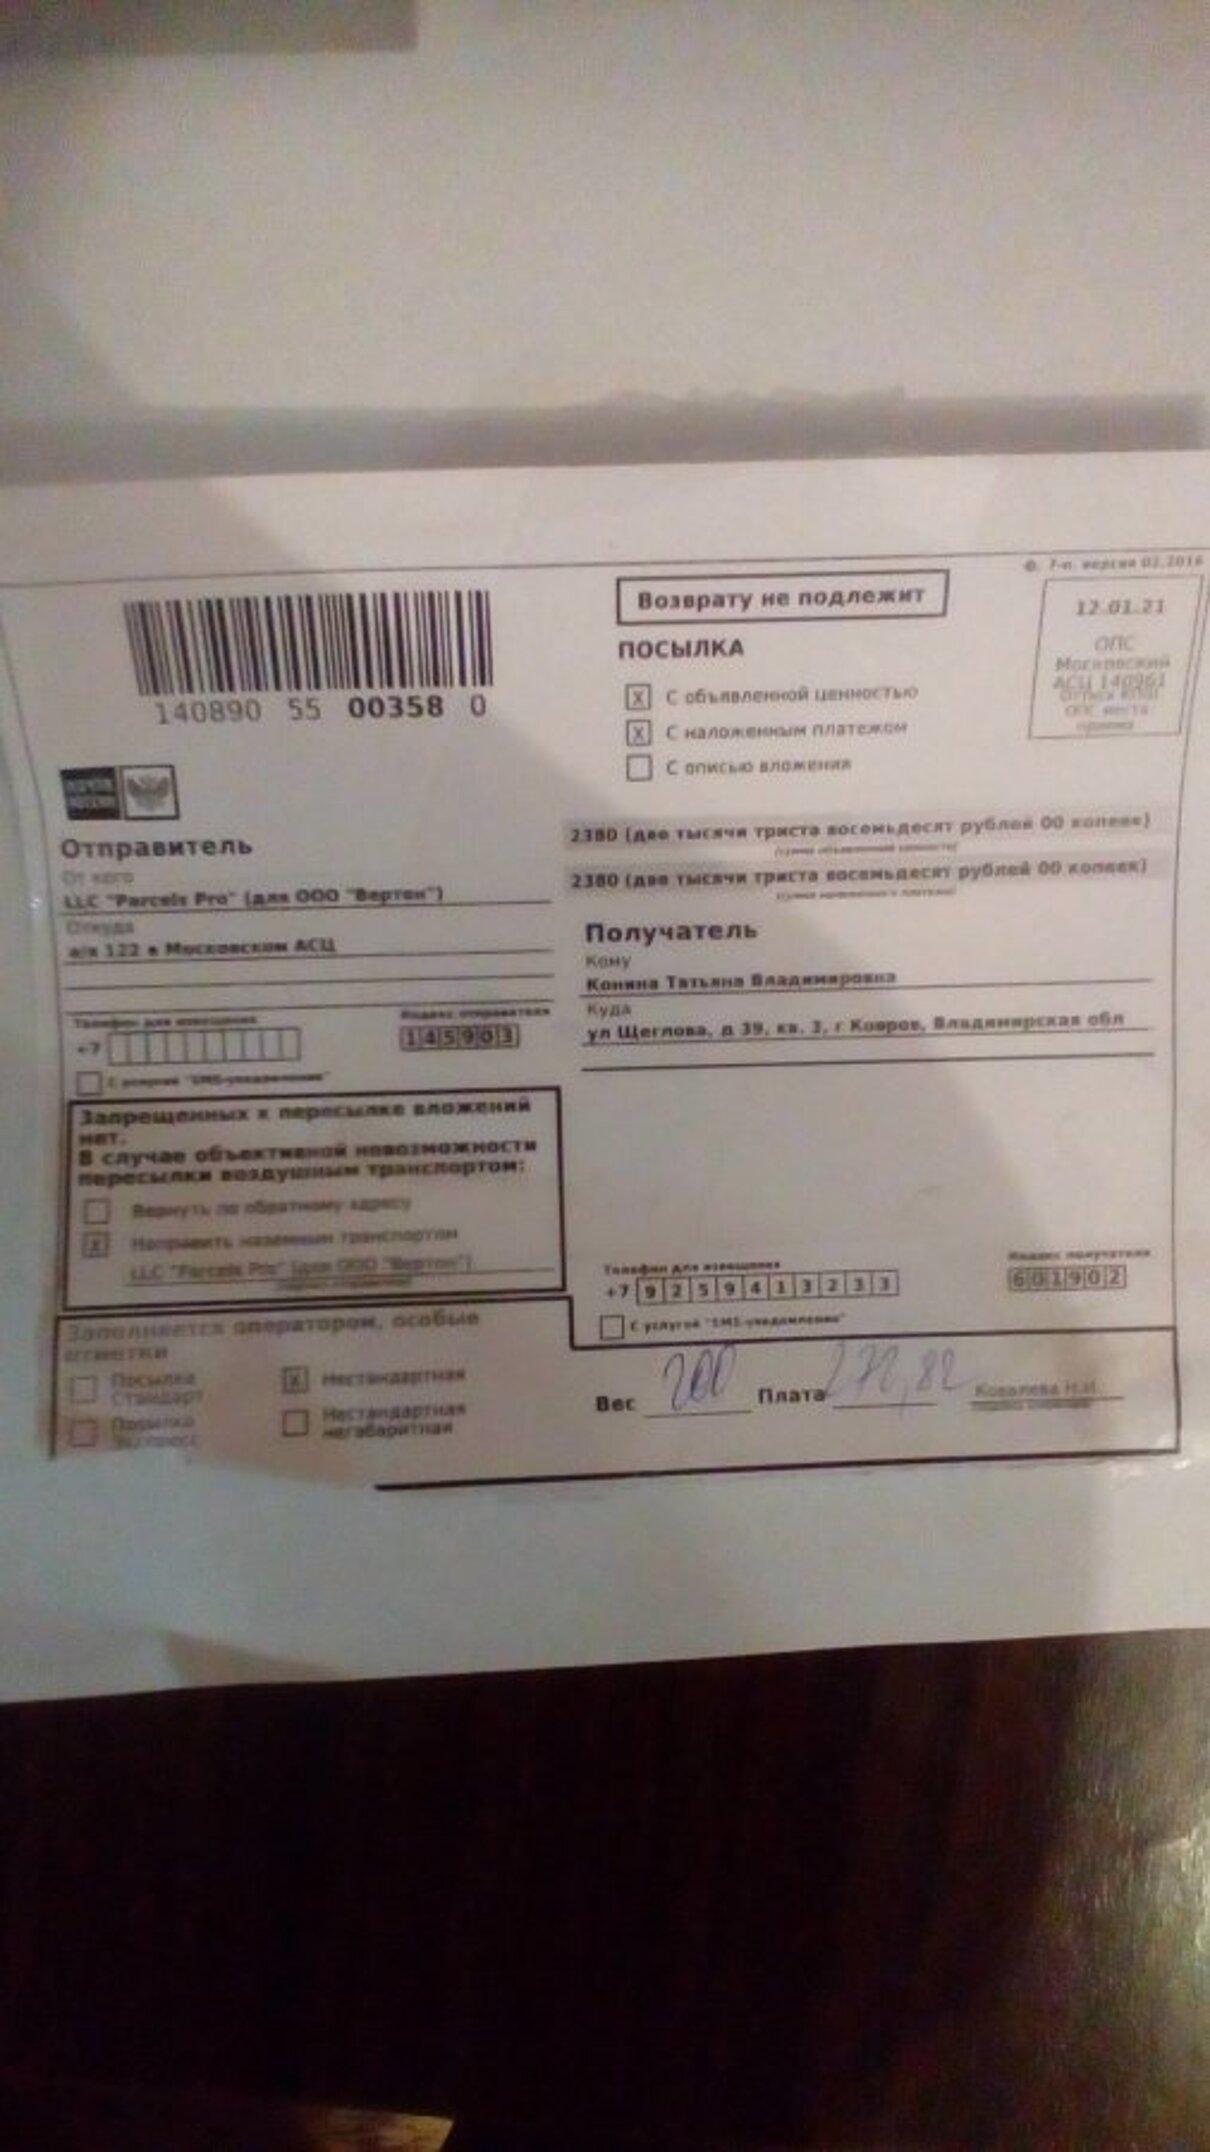 """Жалоба-отзыв: LLC """"Parcels Pro"""" (ООО """"Вертон"""") - Не соответствие товара.  Фото №1"""